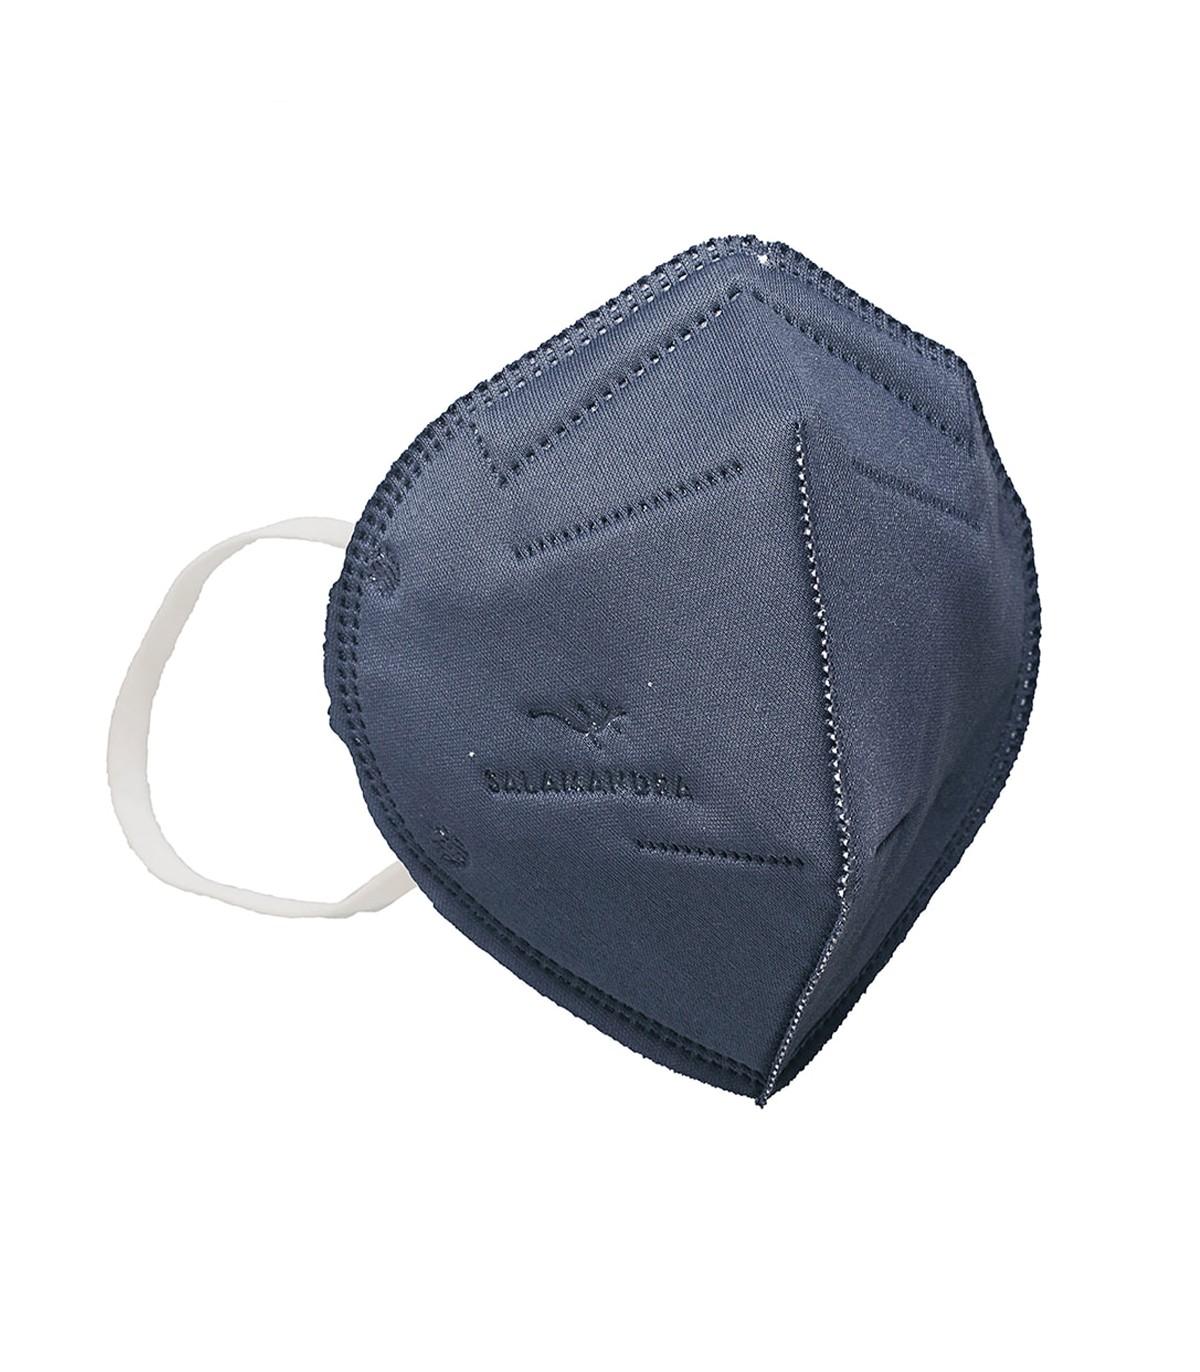 FFP2 face mask - navy blue